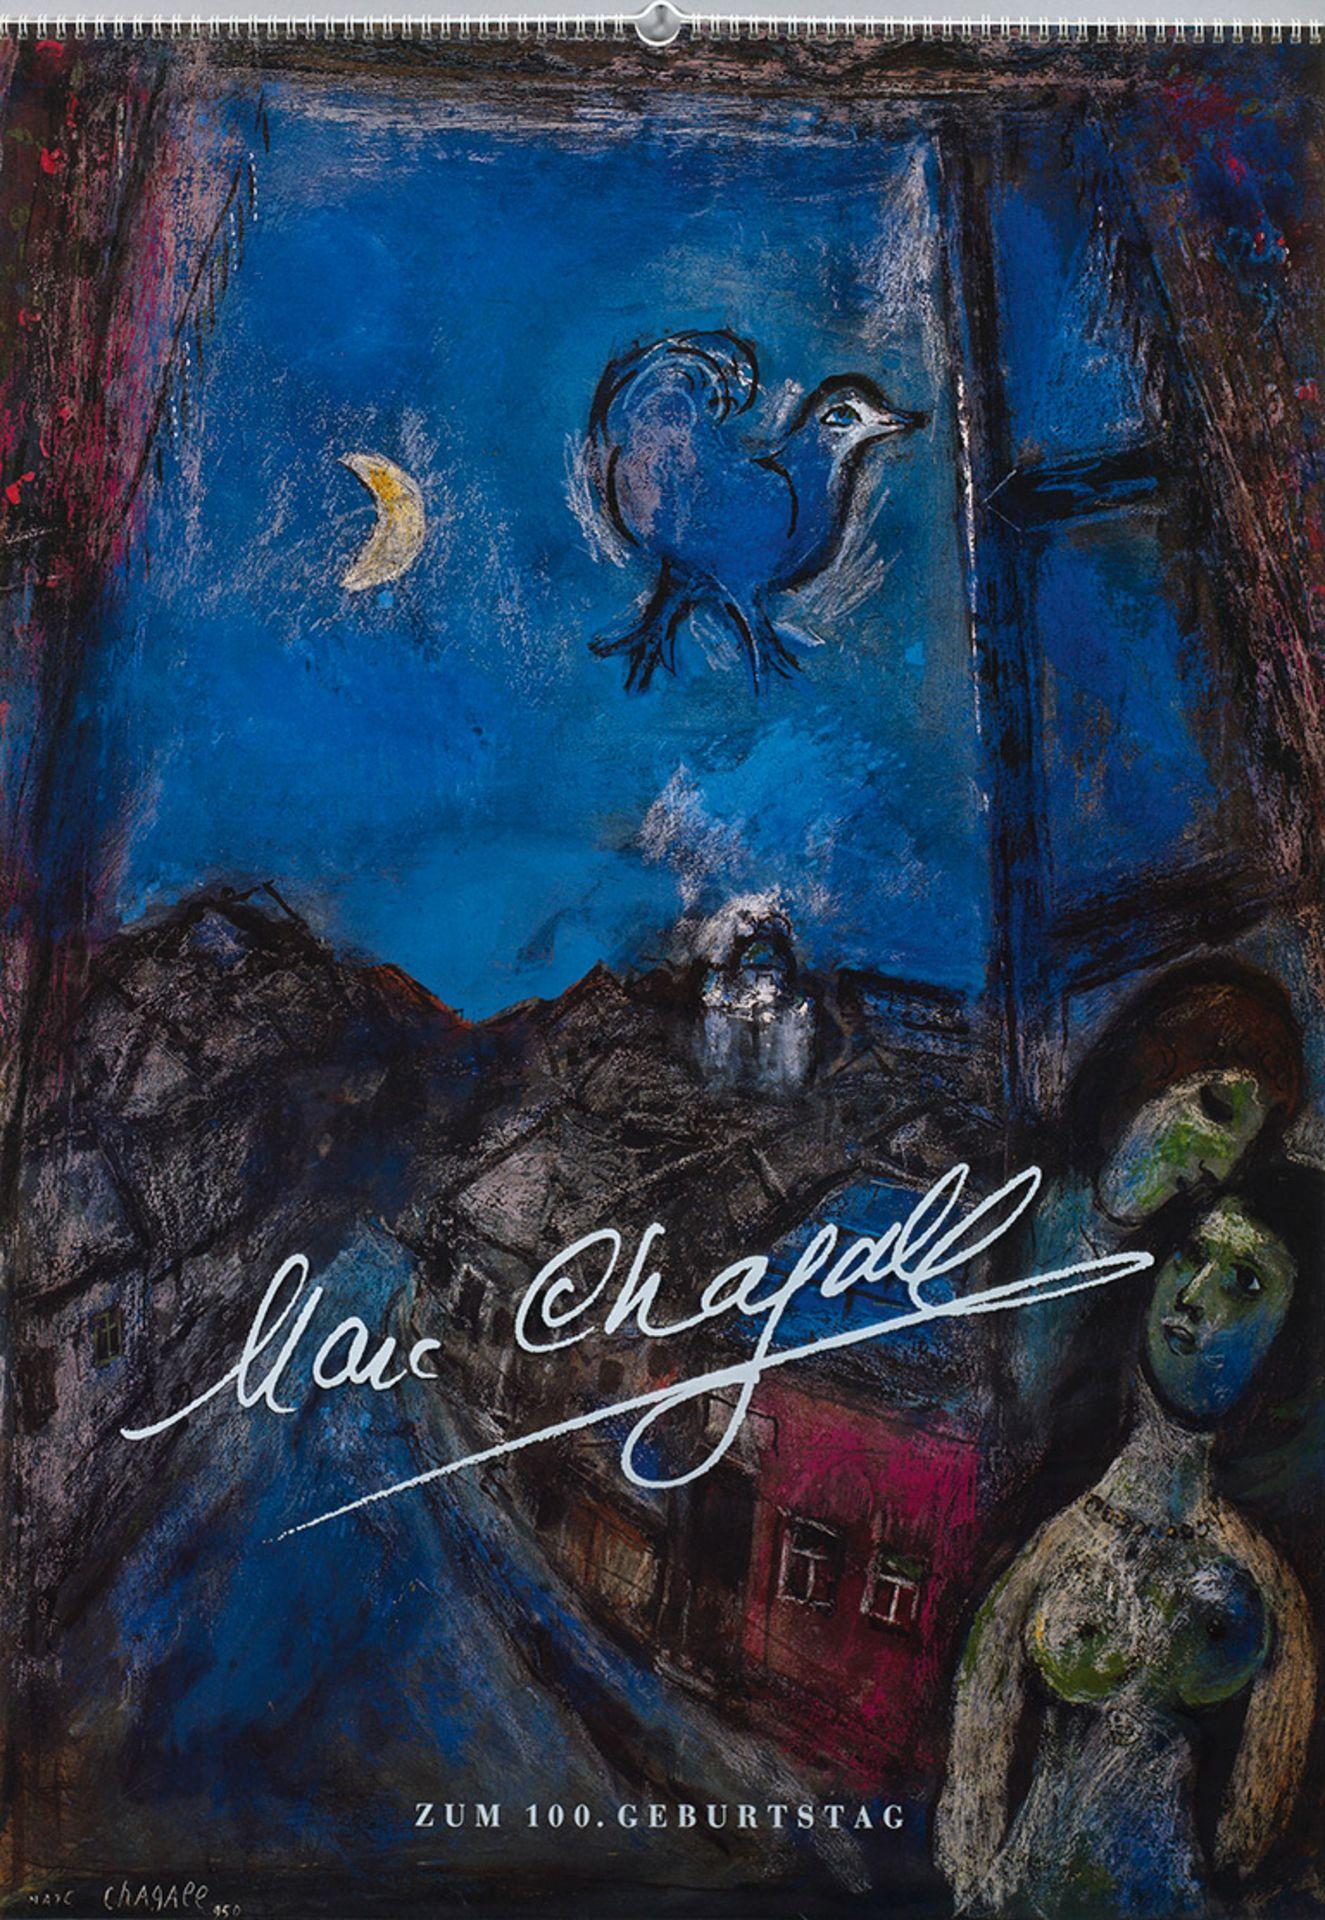 """""""Marc Chagall zum 100. Geburtstag"""". Originaltitel"""